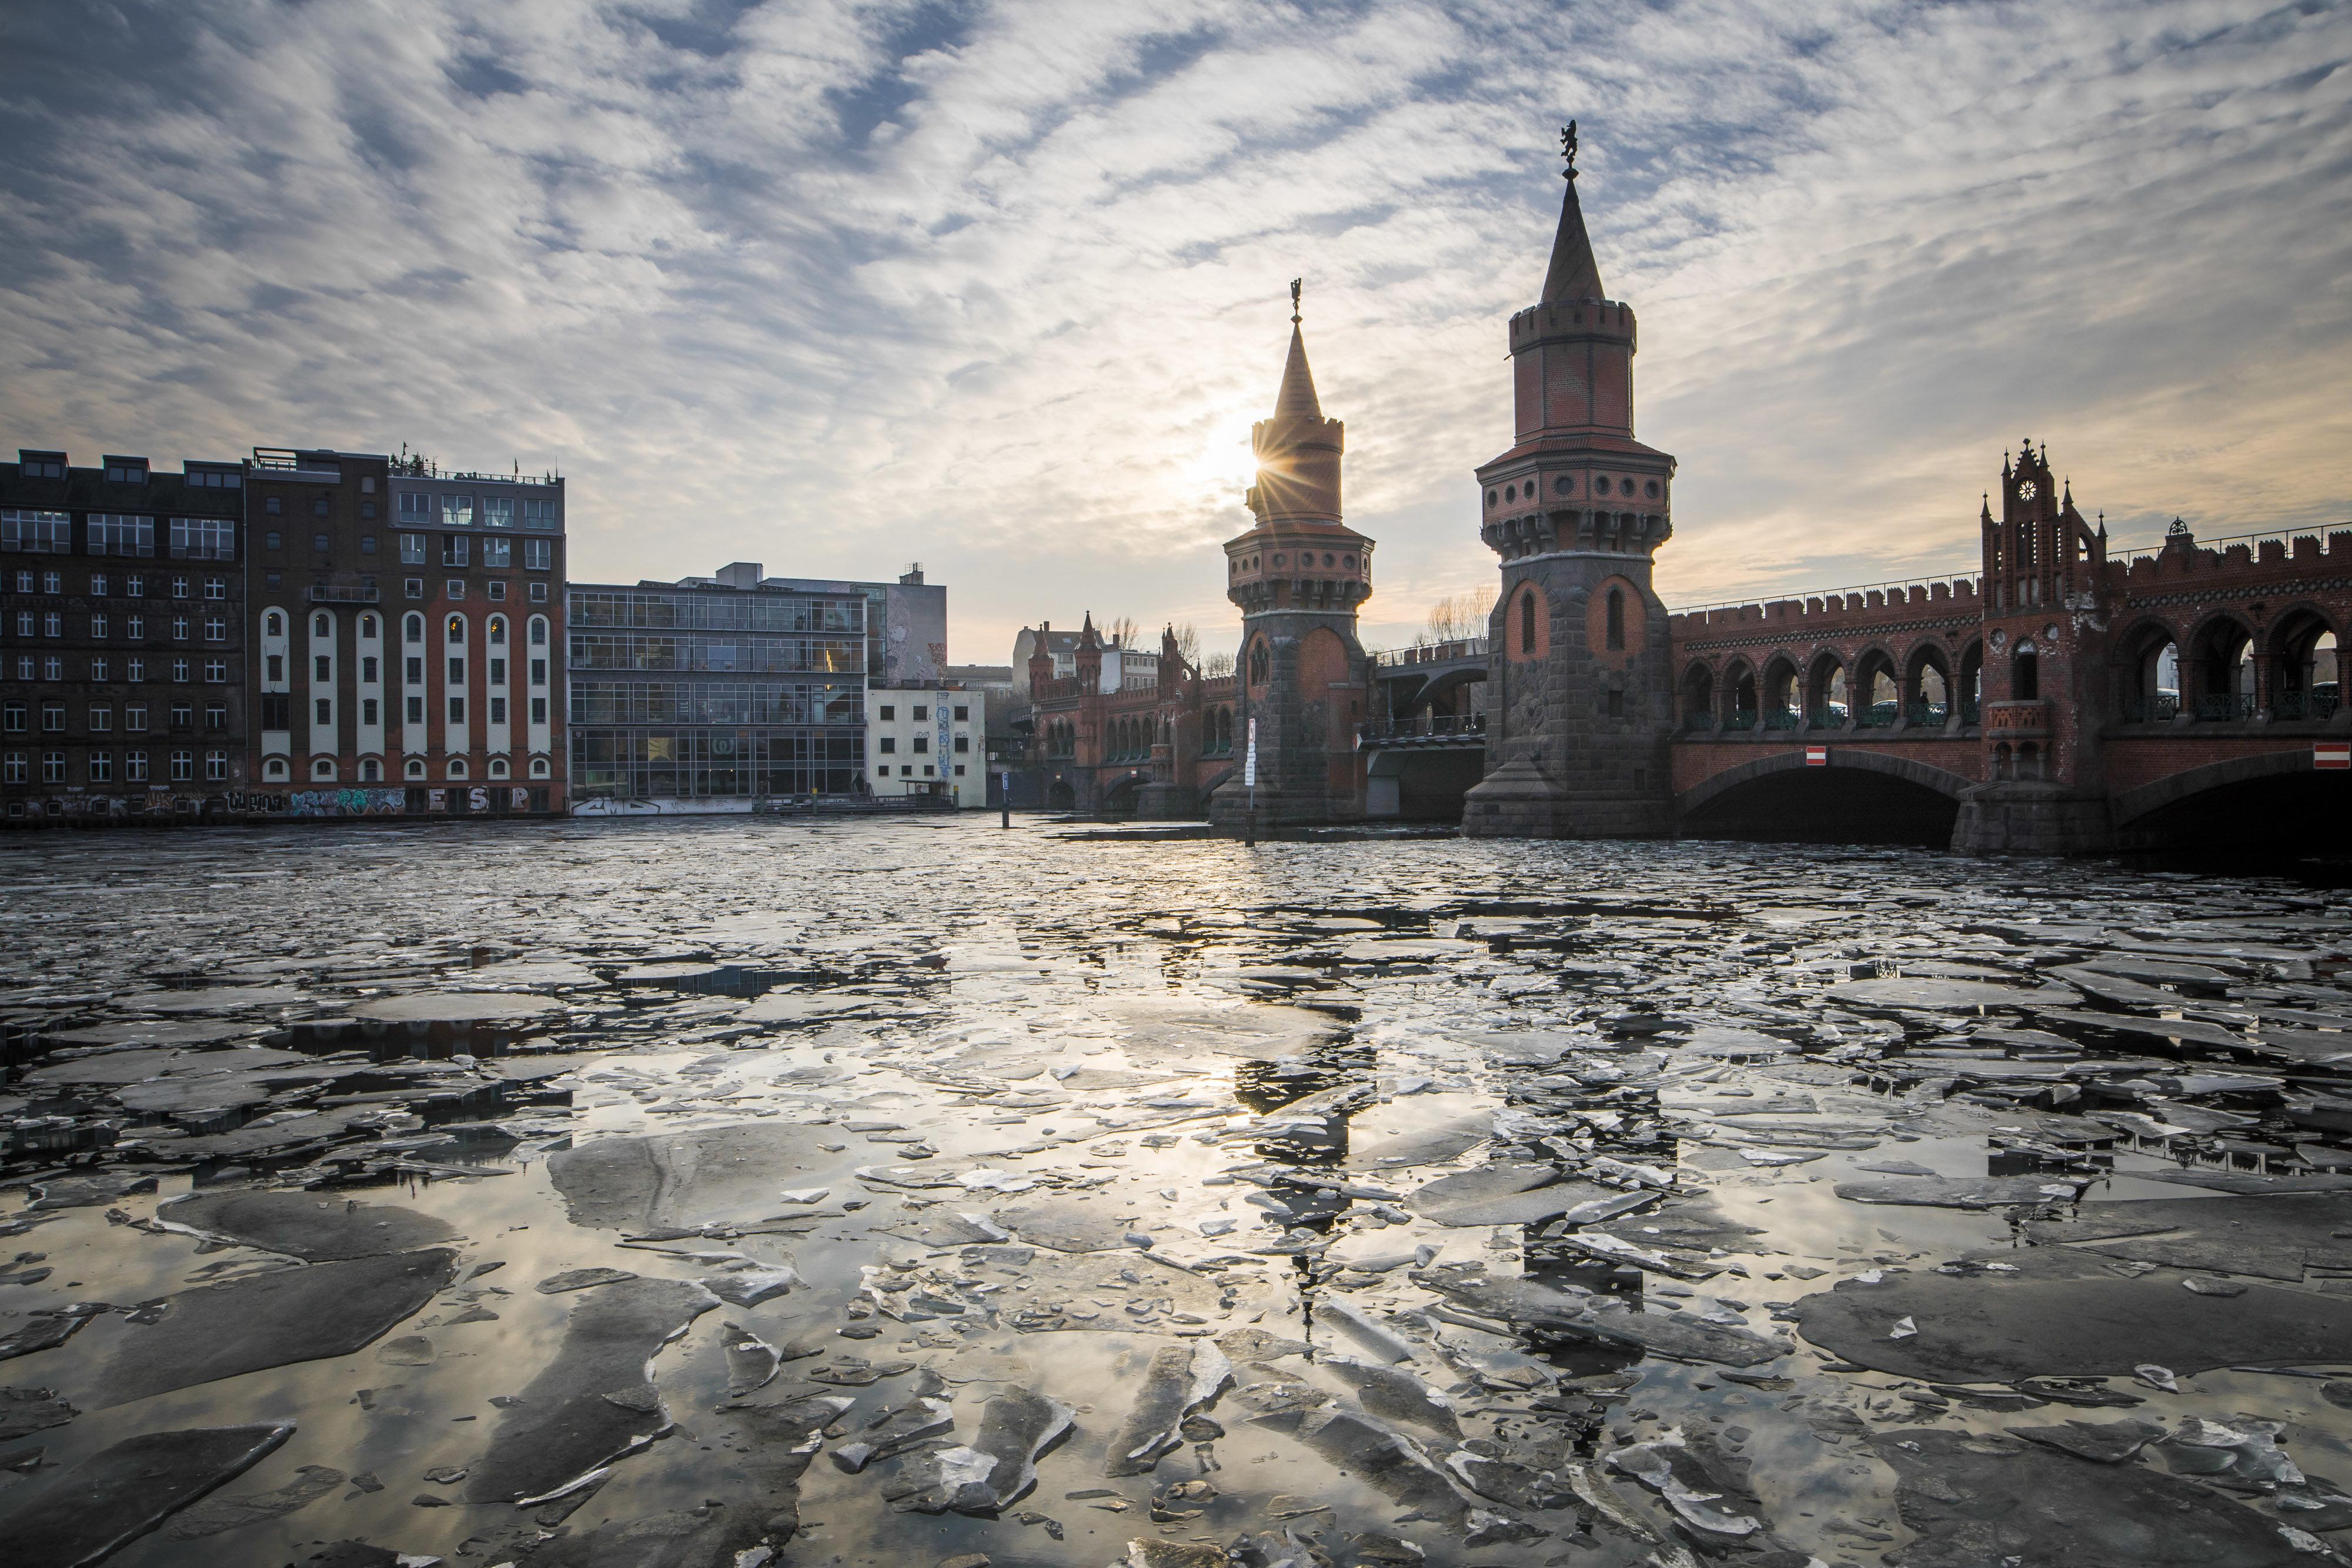 Wetter-Phänomen El Niño: So könnte der Winter in Deutschland